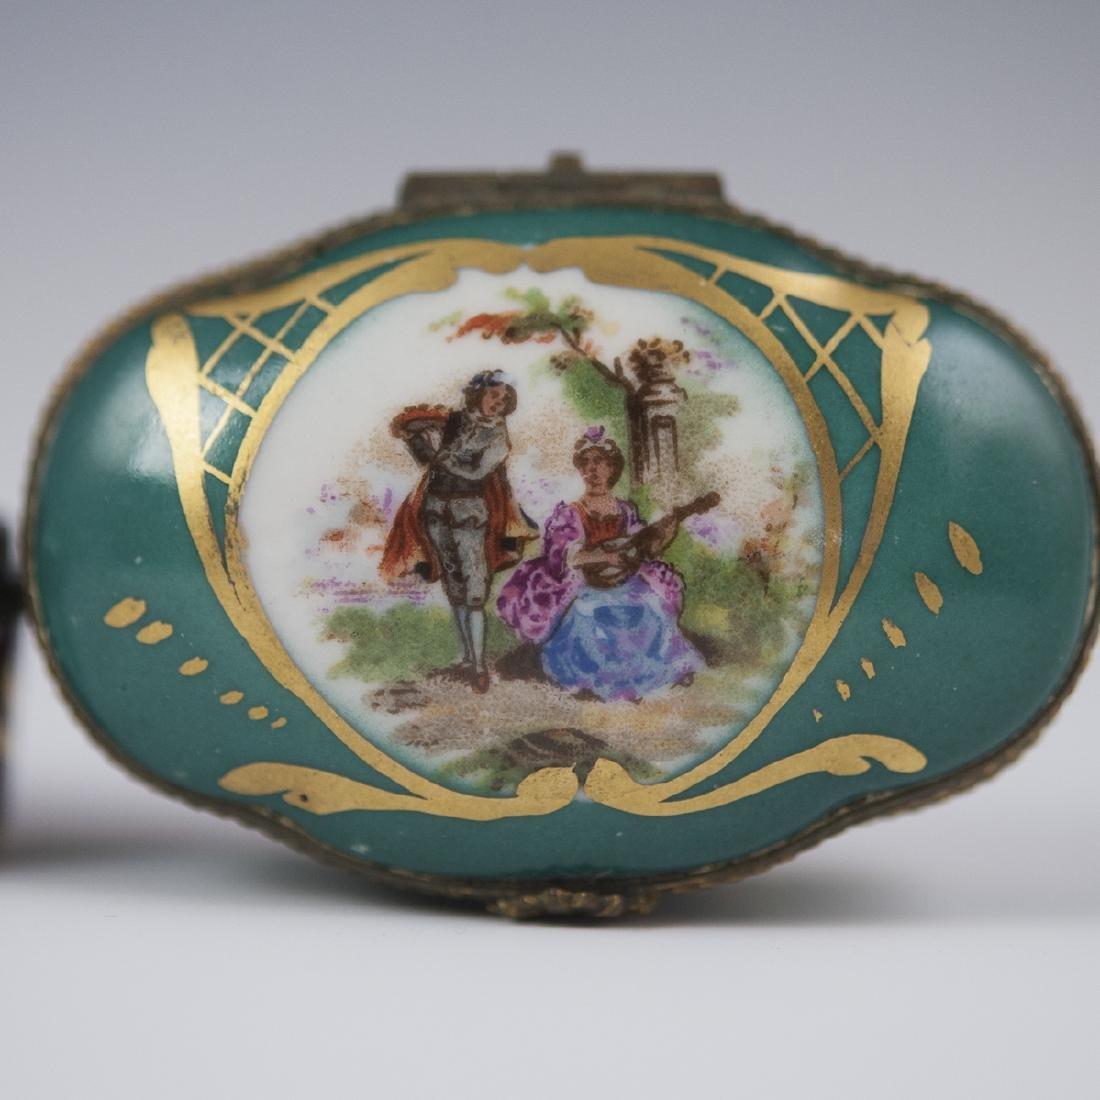 Limoges Porcelain Trinket Boxes - 2